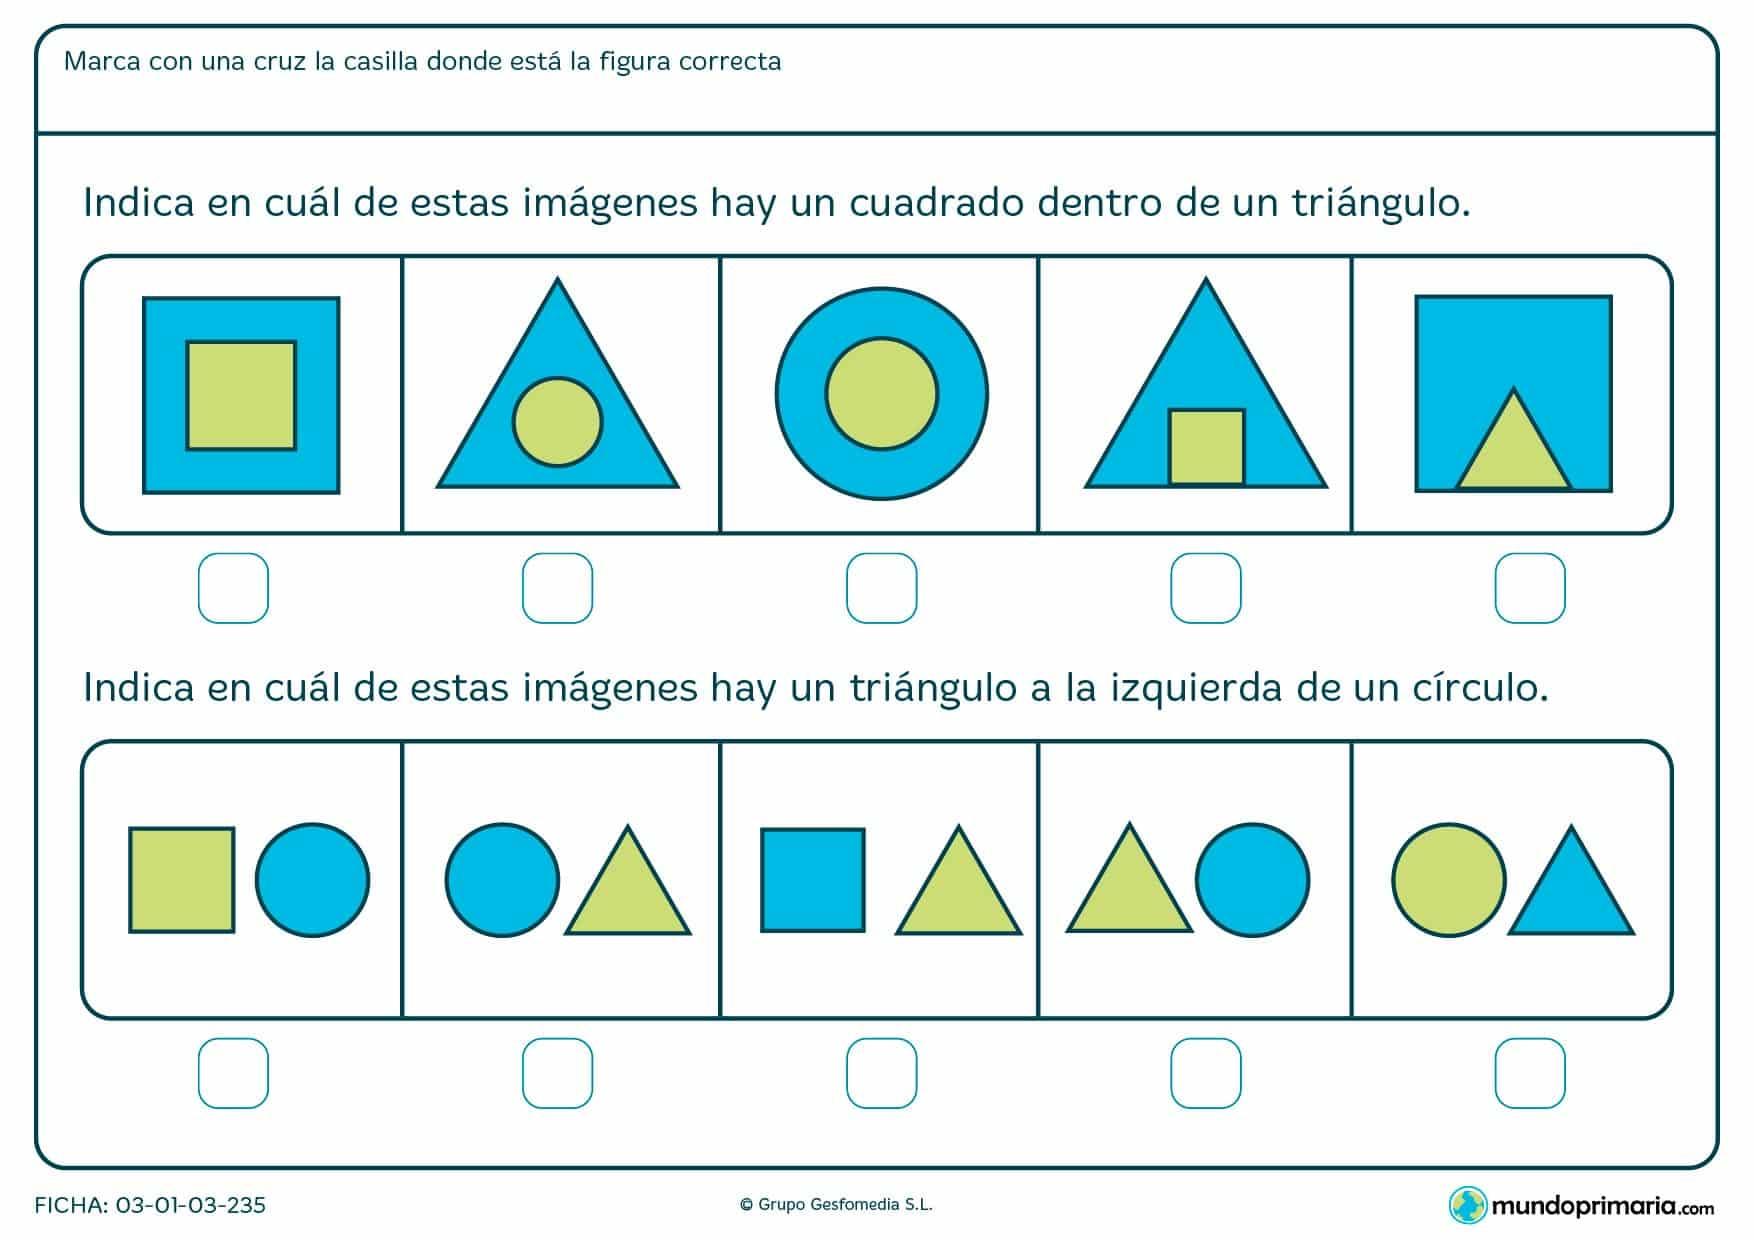 Ficha de identificar cuadrados, triángulos y posición en la que hay que indicar la figura que te piden en el enunciado.